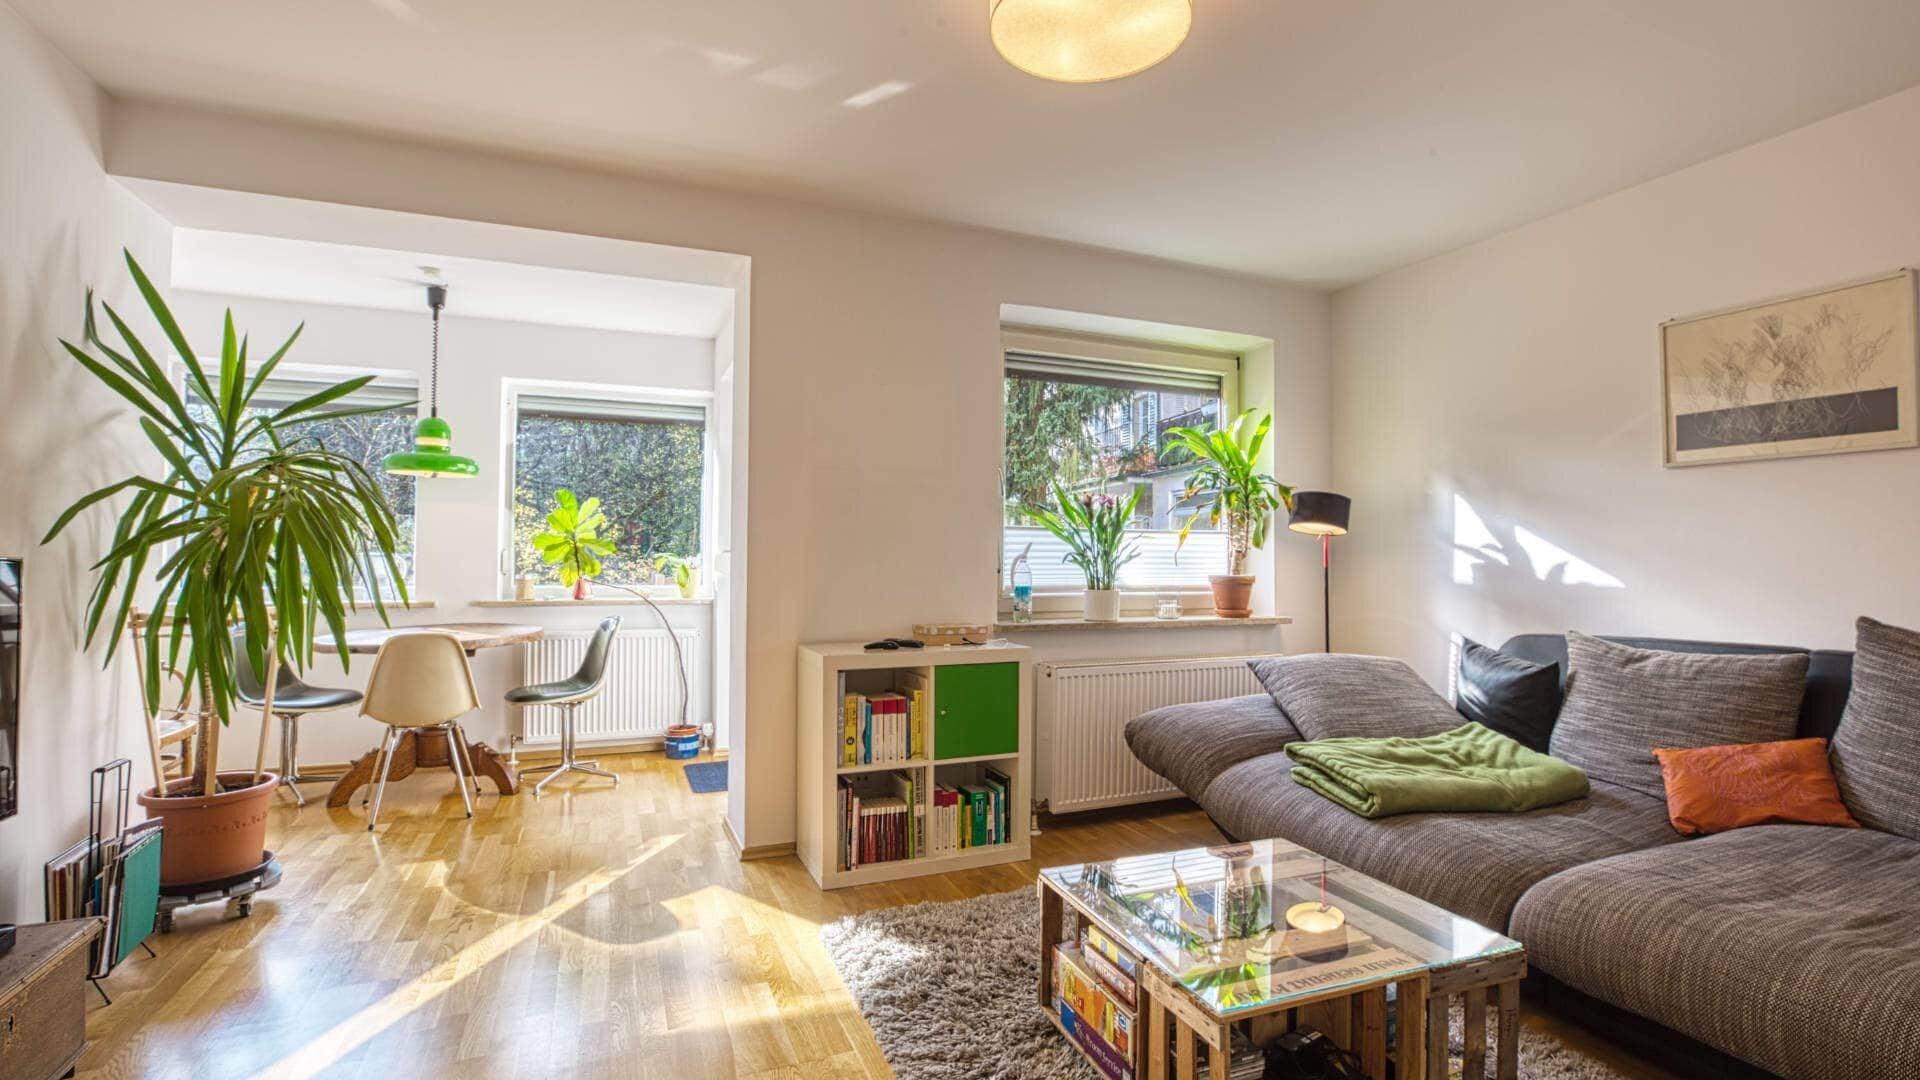 Obersendling Wohnung Wohnzimmer